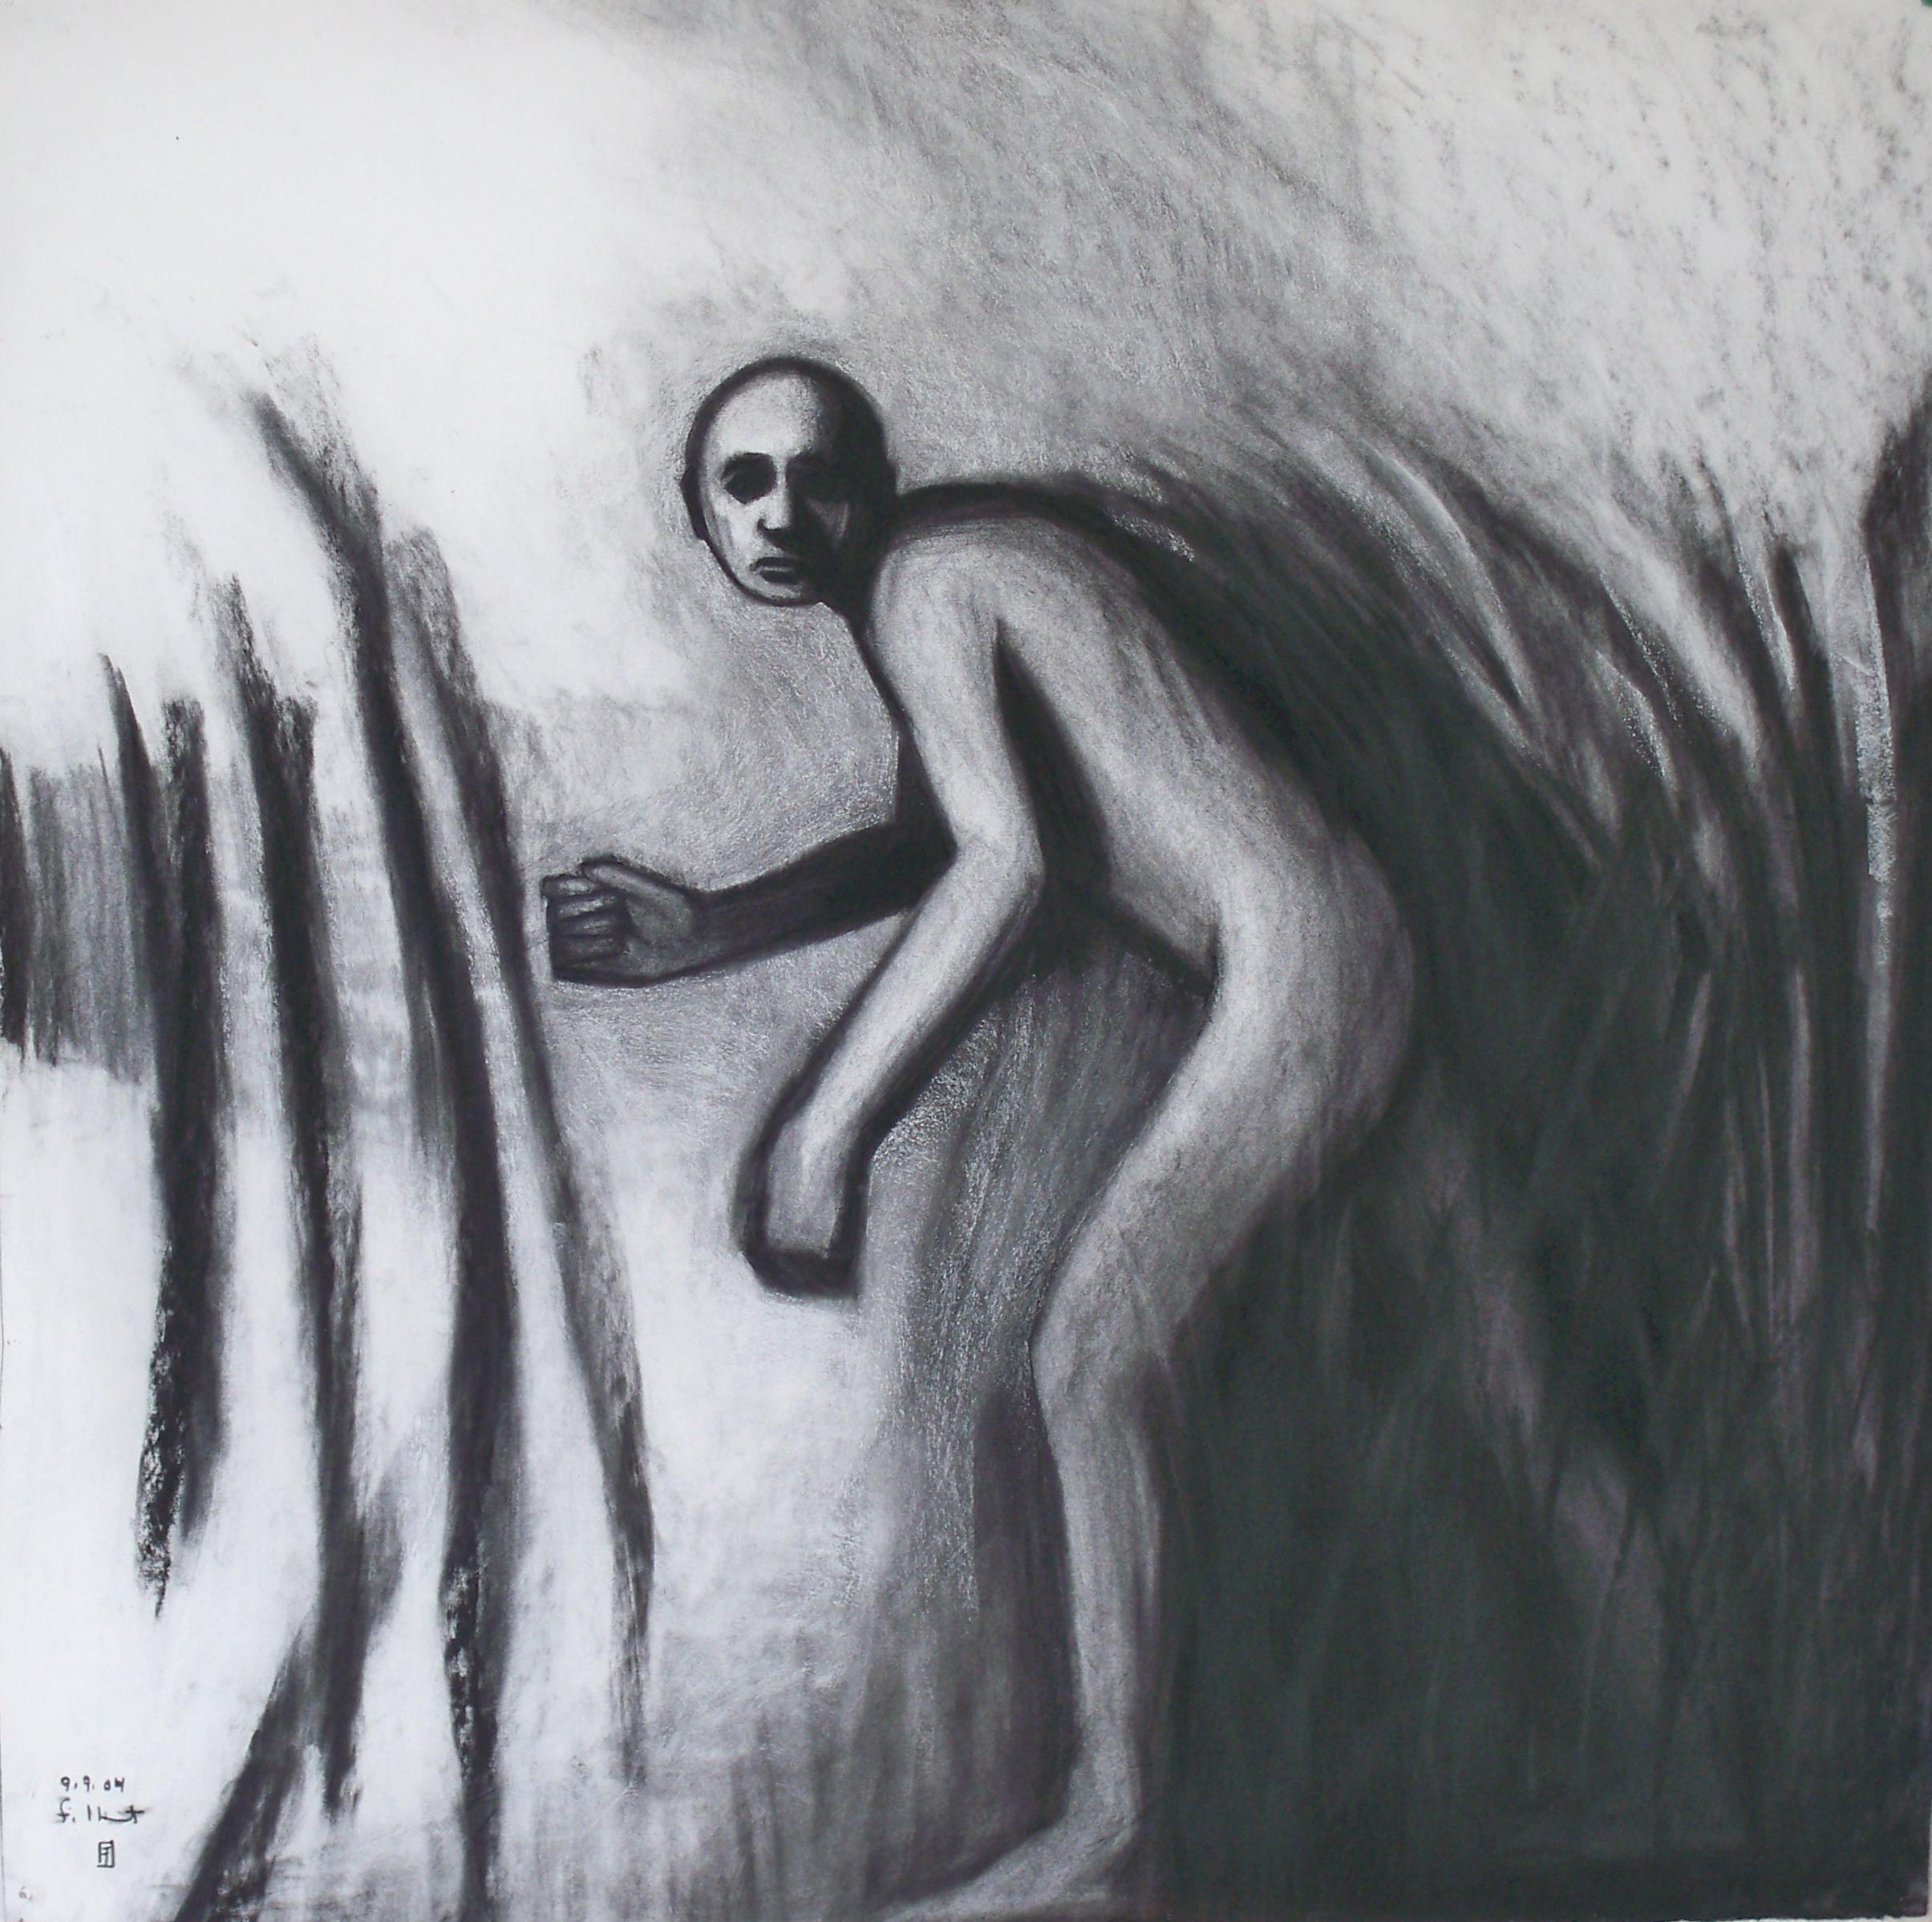 Man in a Desert II